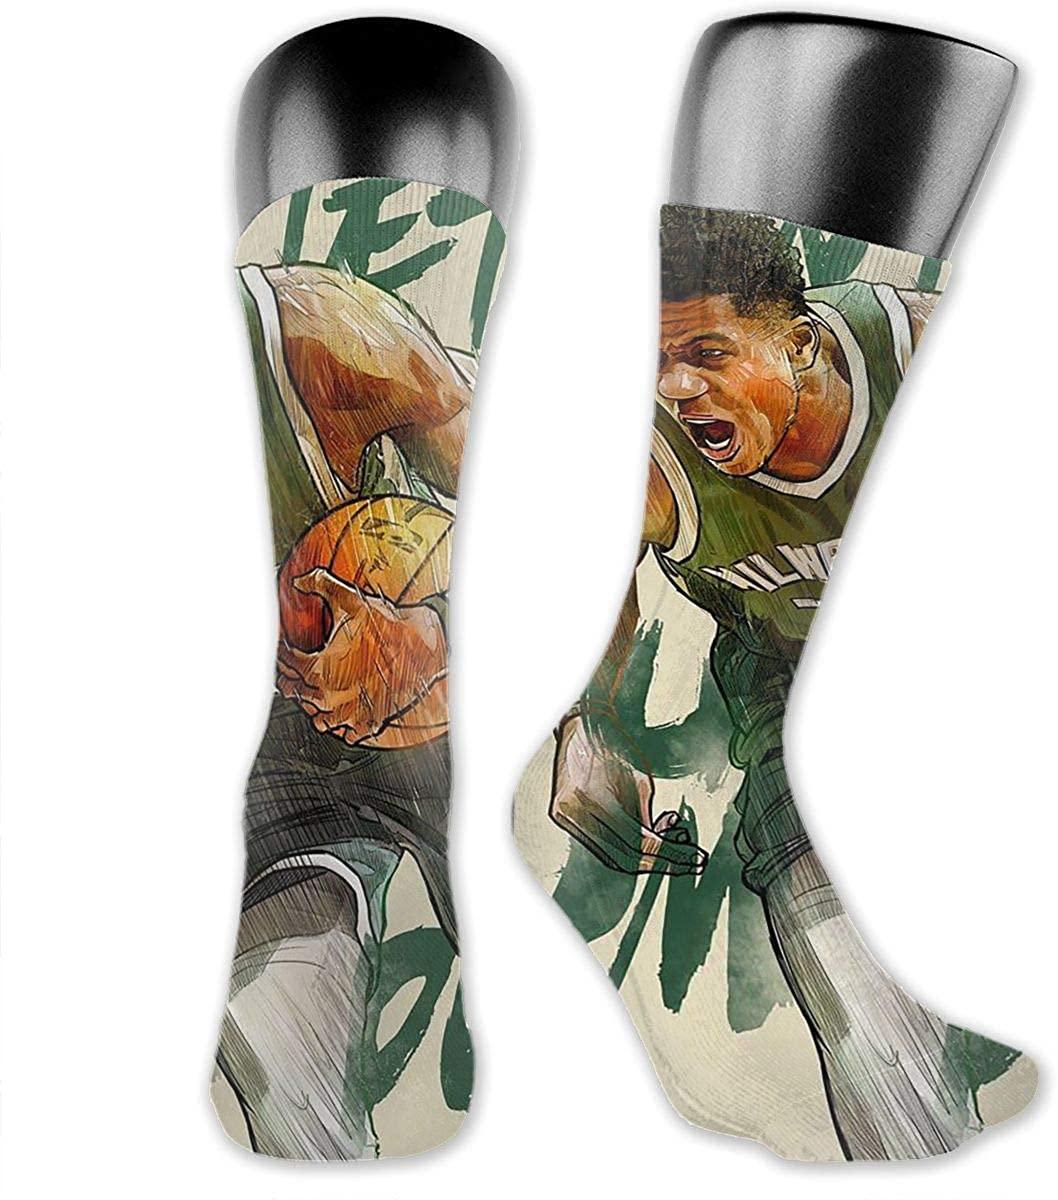 DLAZANA Greek Feark Crew Socks in Size 3.34 x 15.75 inches